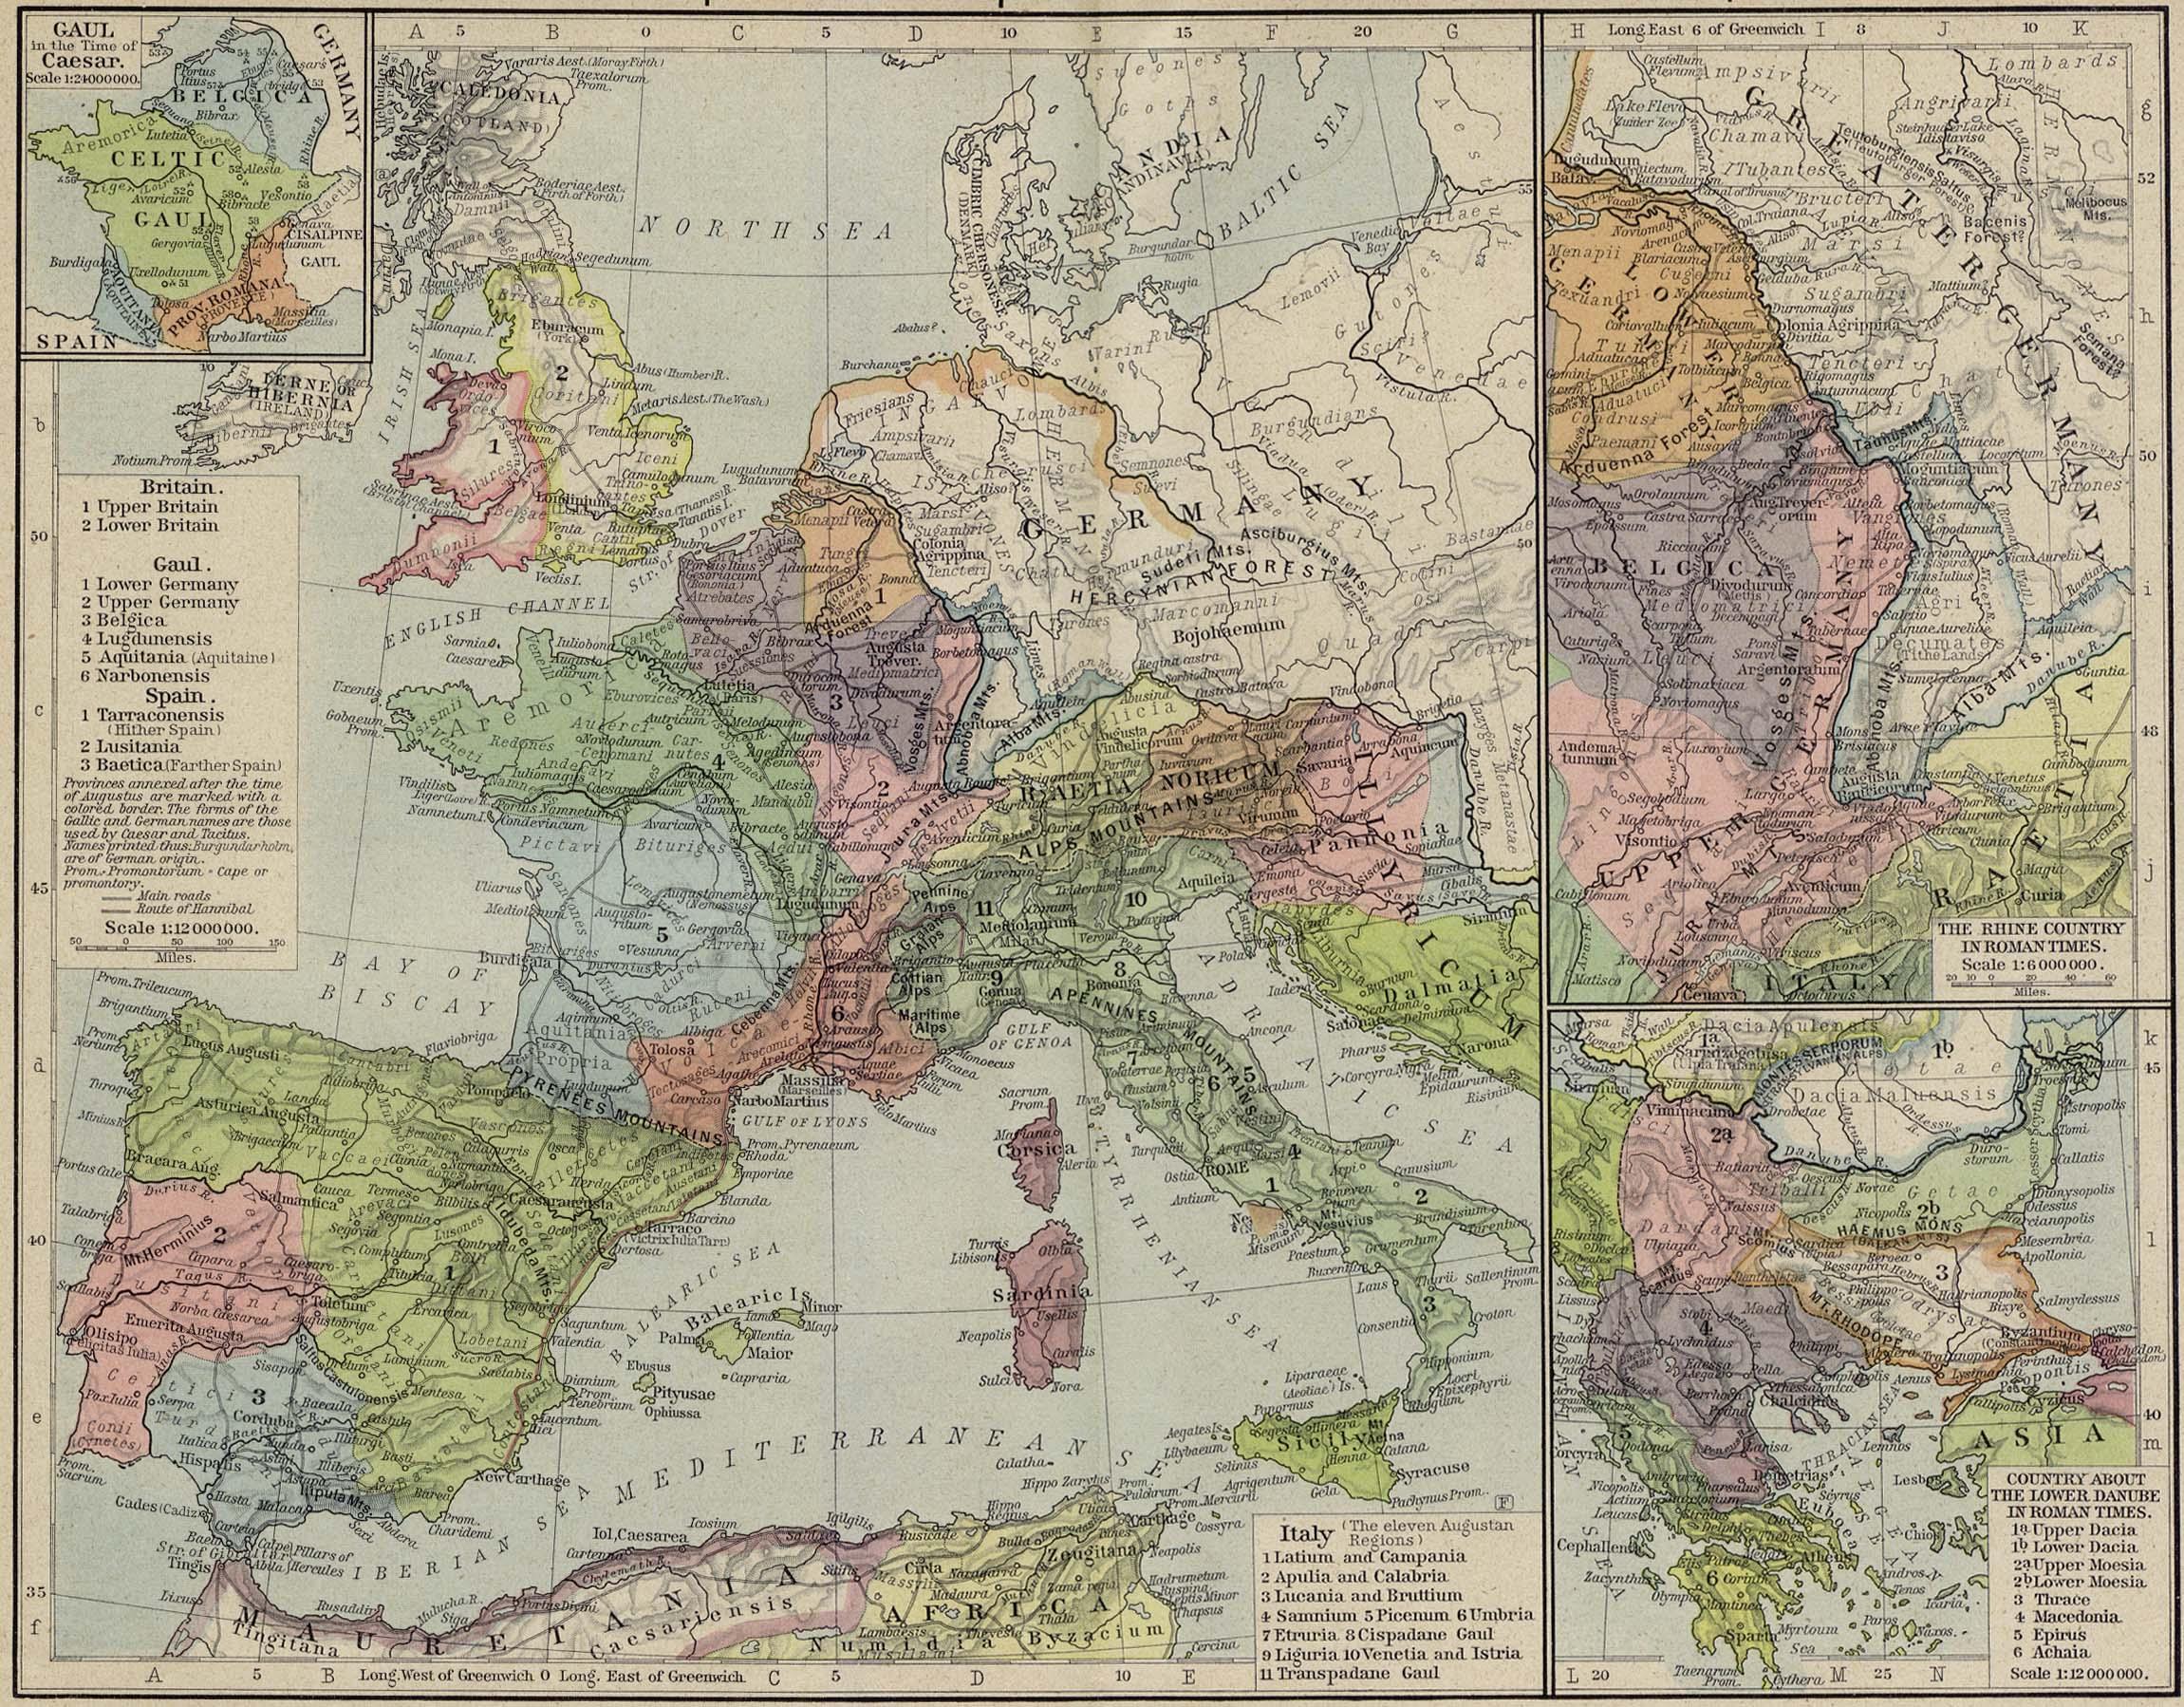 britannica world atlas pdf free download